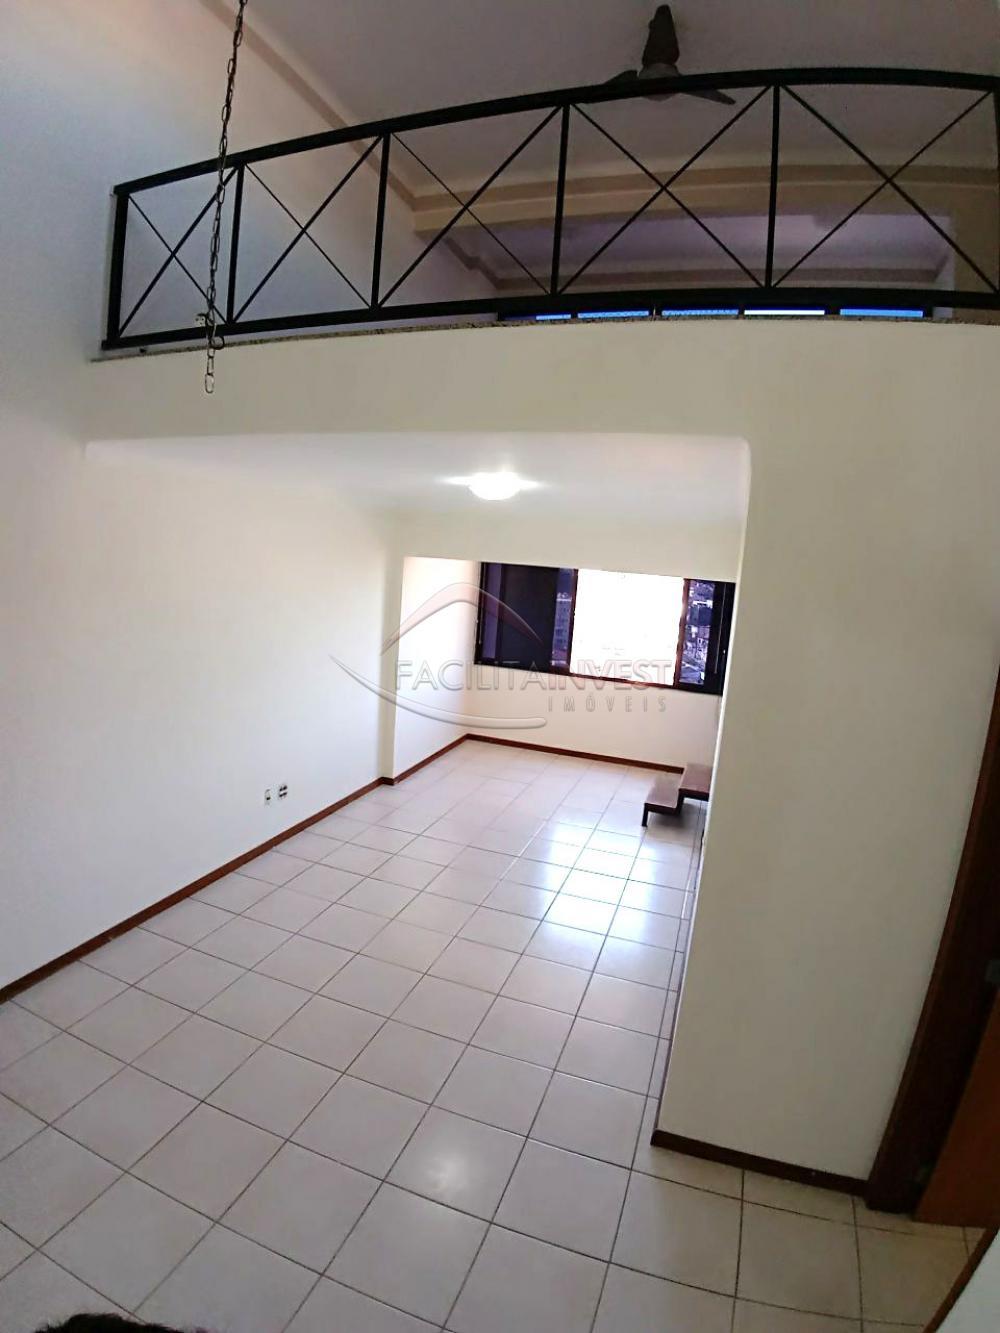 Comprar Apartamentos / Apart. Padrão em Ribeirão Preto apenas R$ 550.000,00 - Foto 1